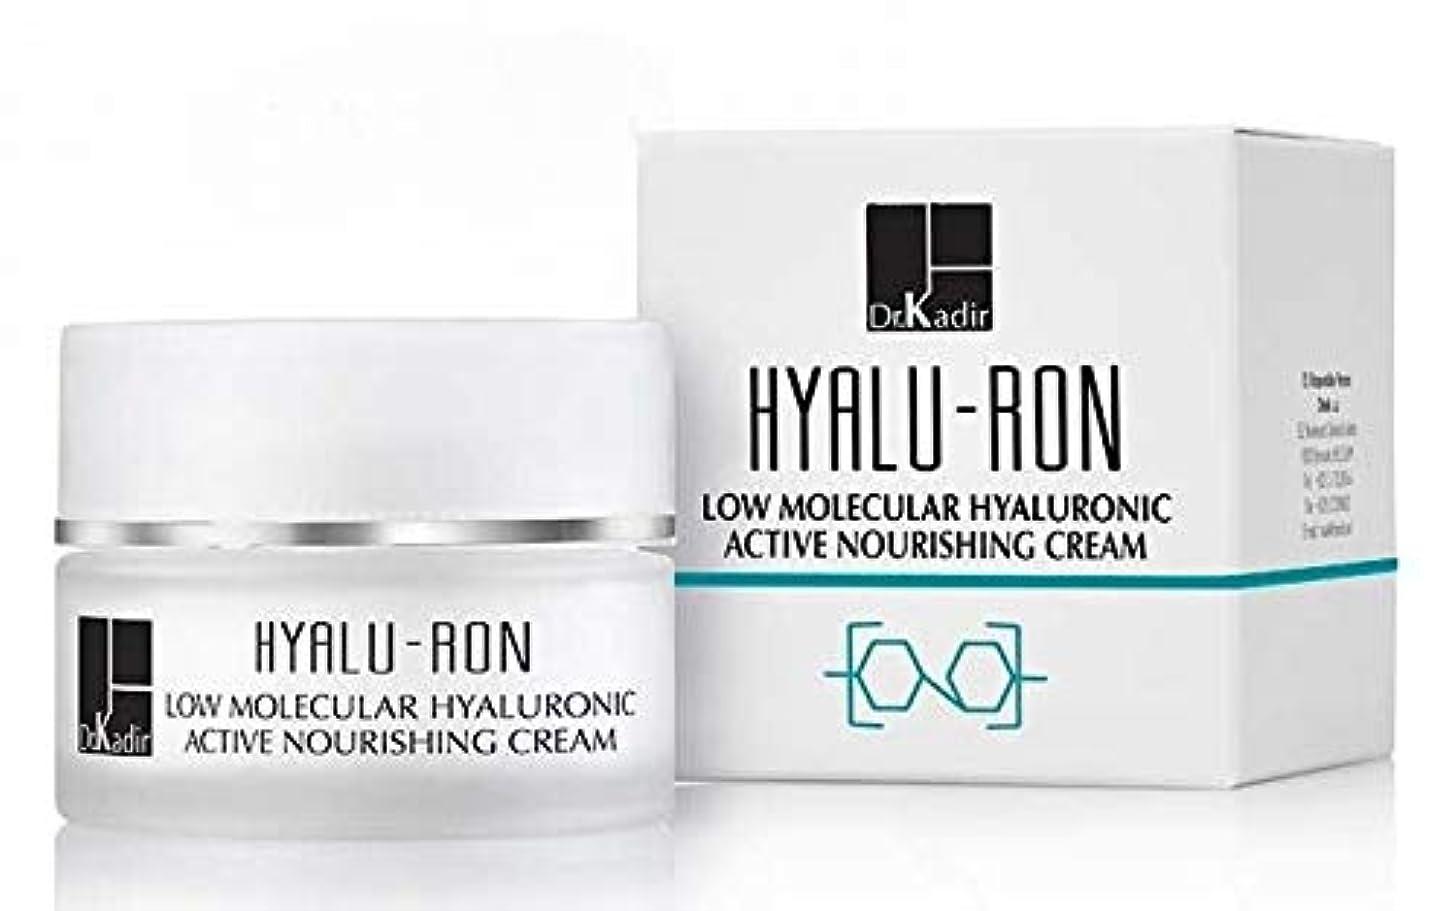 合理化差別化する変わるDr. Kadir Hyalu-Ron Low Molecular Hyaluronic Active Nourishing Cream 50ml